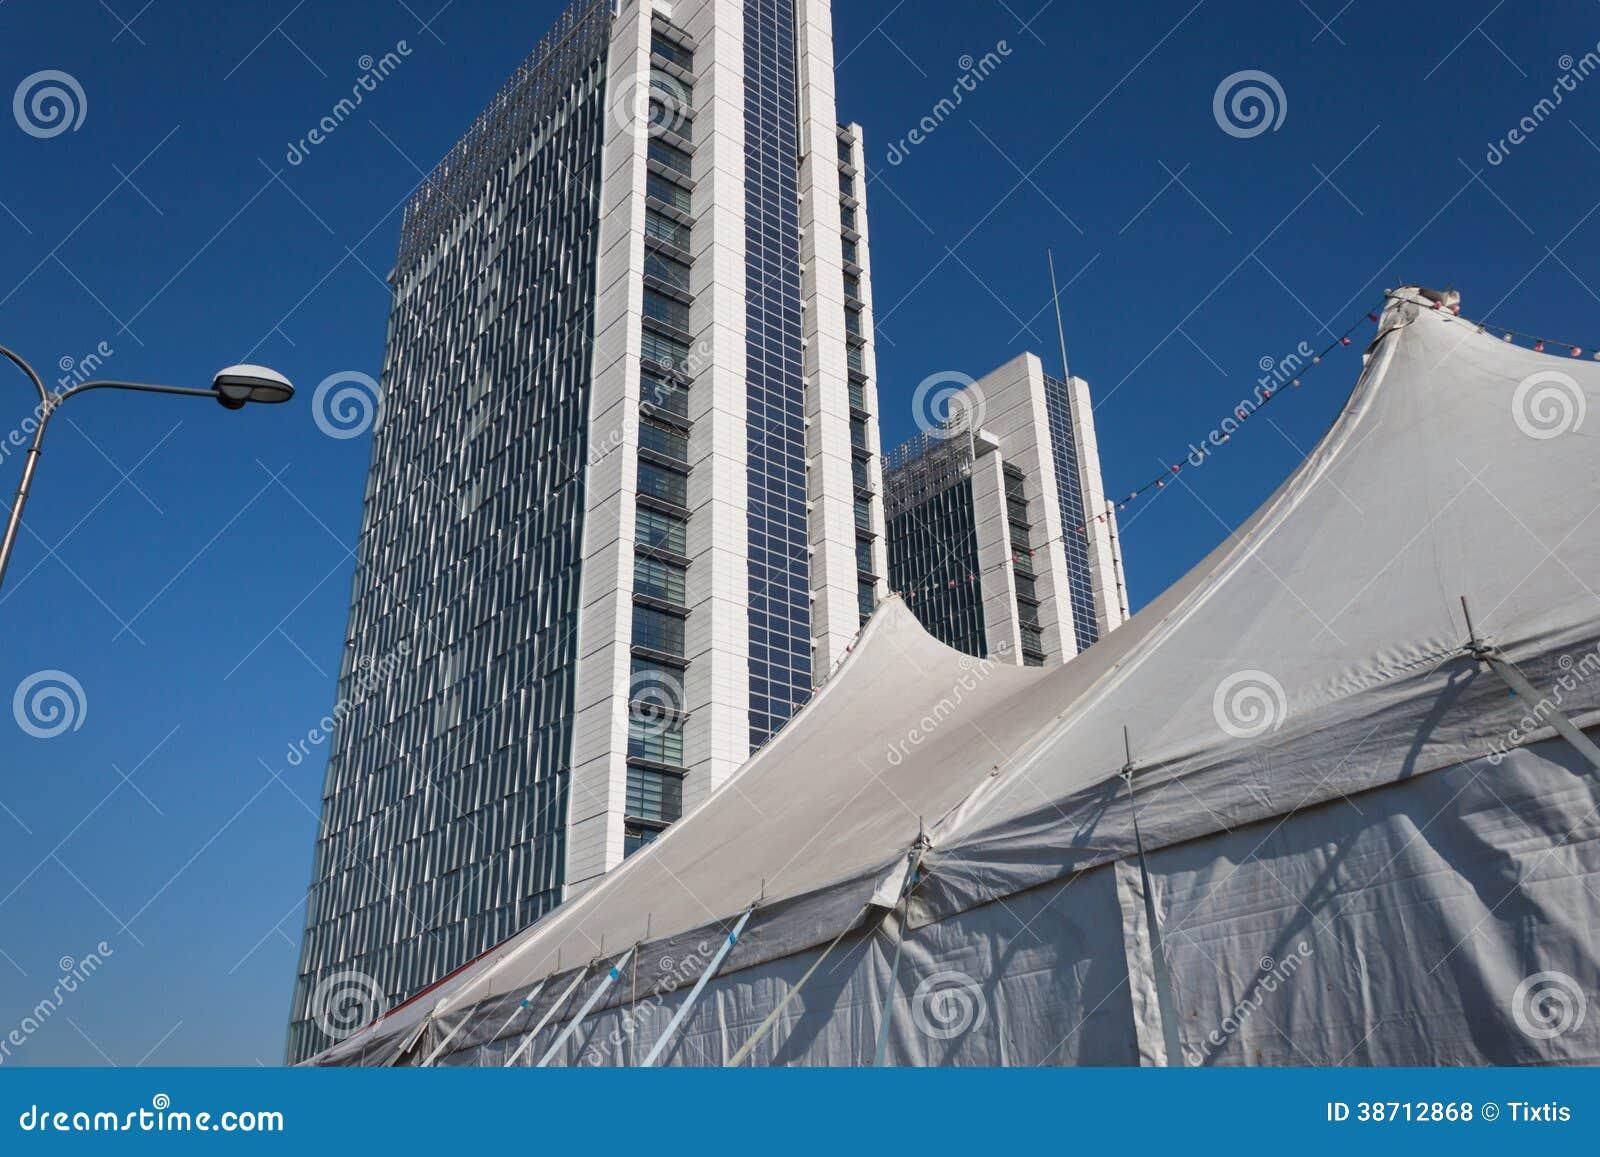 Tenda de circo e construções modernas